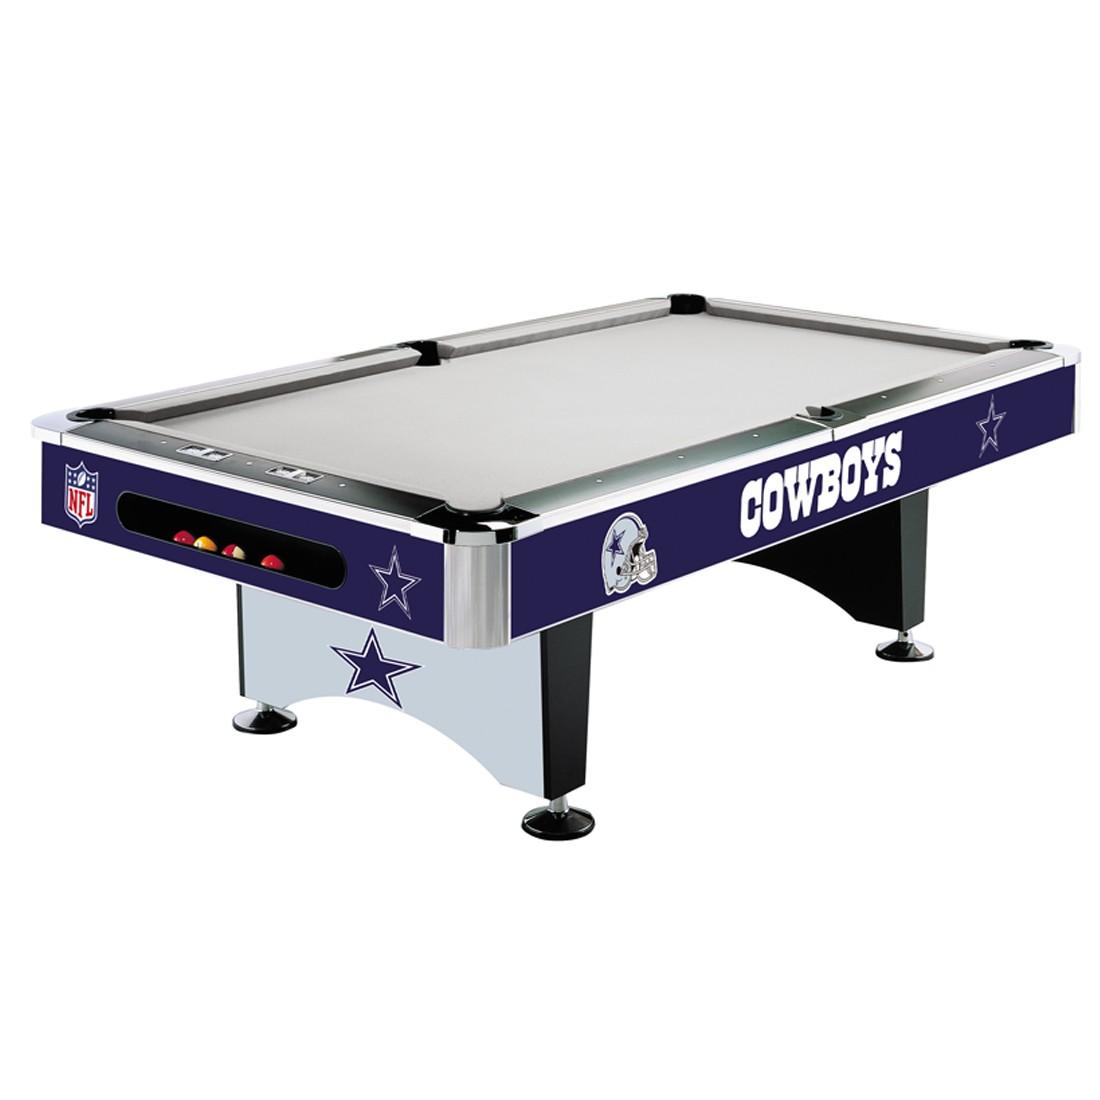 8' NFL Dallas Cowboys Team Logo Pool Table